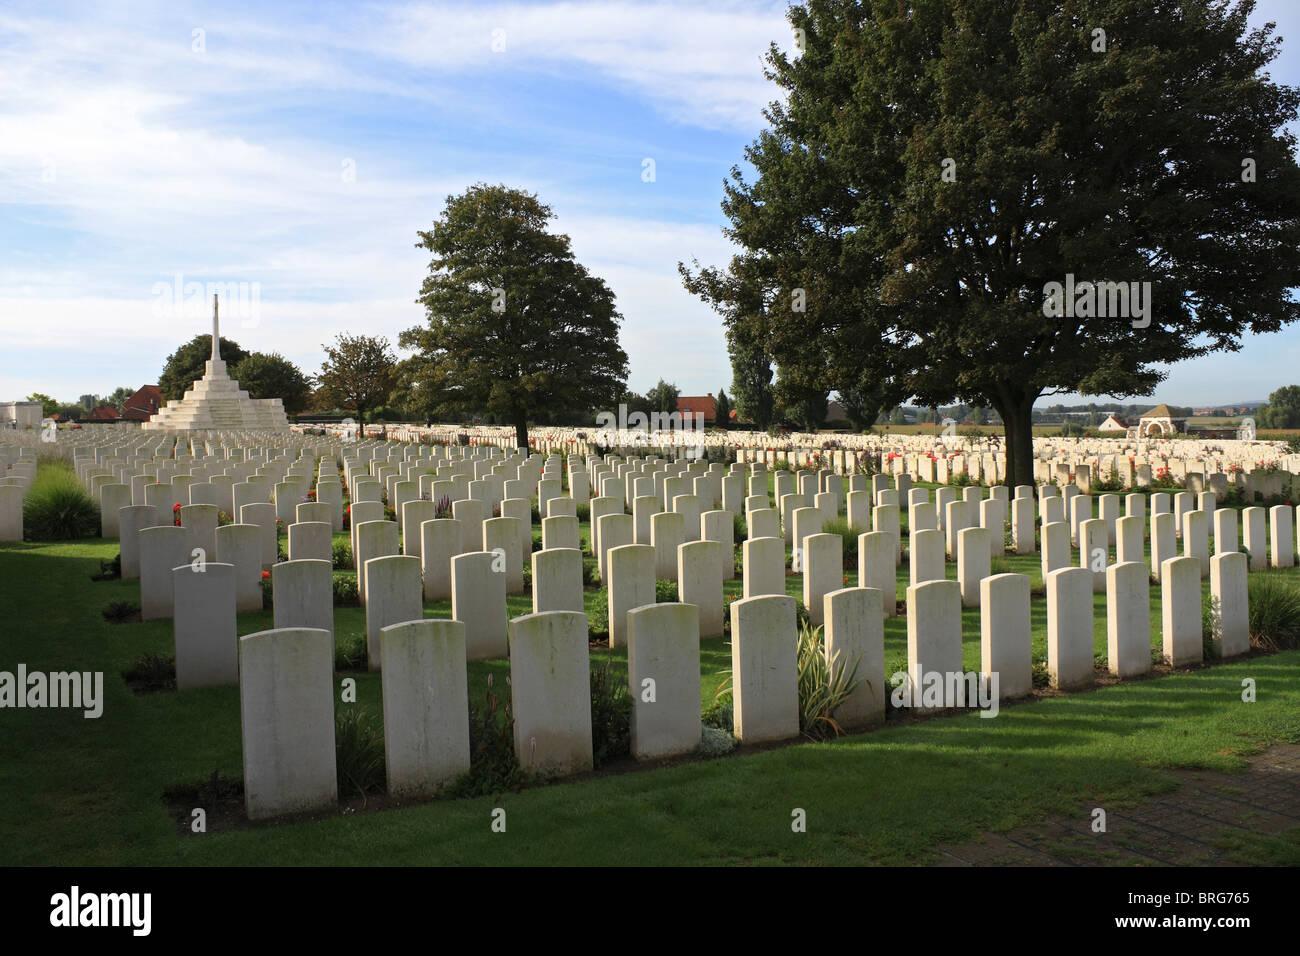 Hooge Crater Cemetery for Commonwealth soldiers killed in WW1. (Ypres) Ieper West-Vlaanderen Belgium. - Stock Image